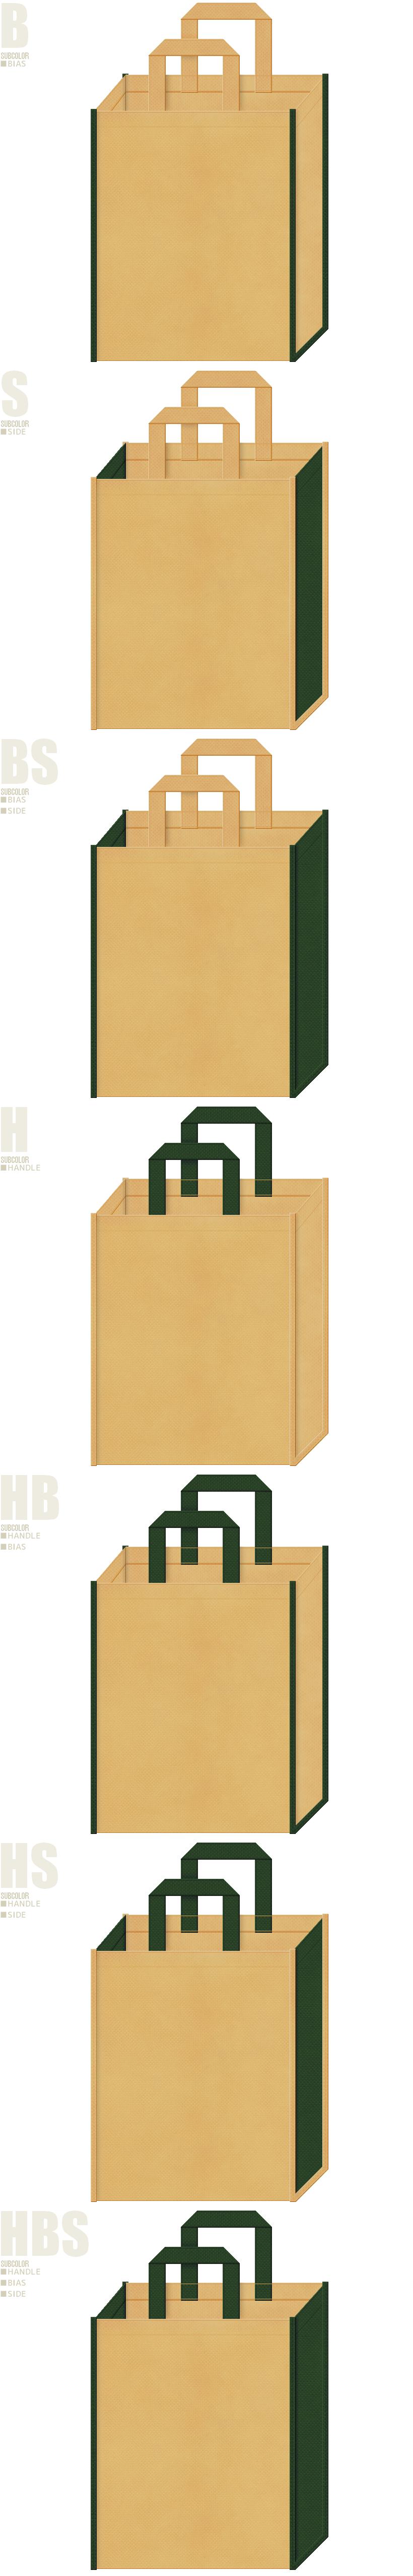 サファリ・サバンナ・アニマル・動物園・探検・テーマパーク・恐竜・アウトドア・キャンプ用品の展示会用バッグにお奨めの不織布バッグデザイン:薄黄土色と濃緑色の配色7パターン